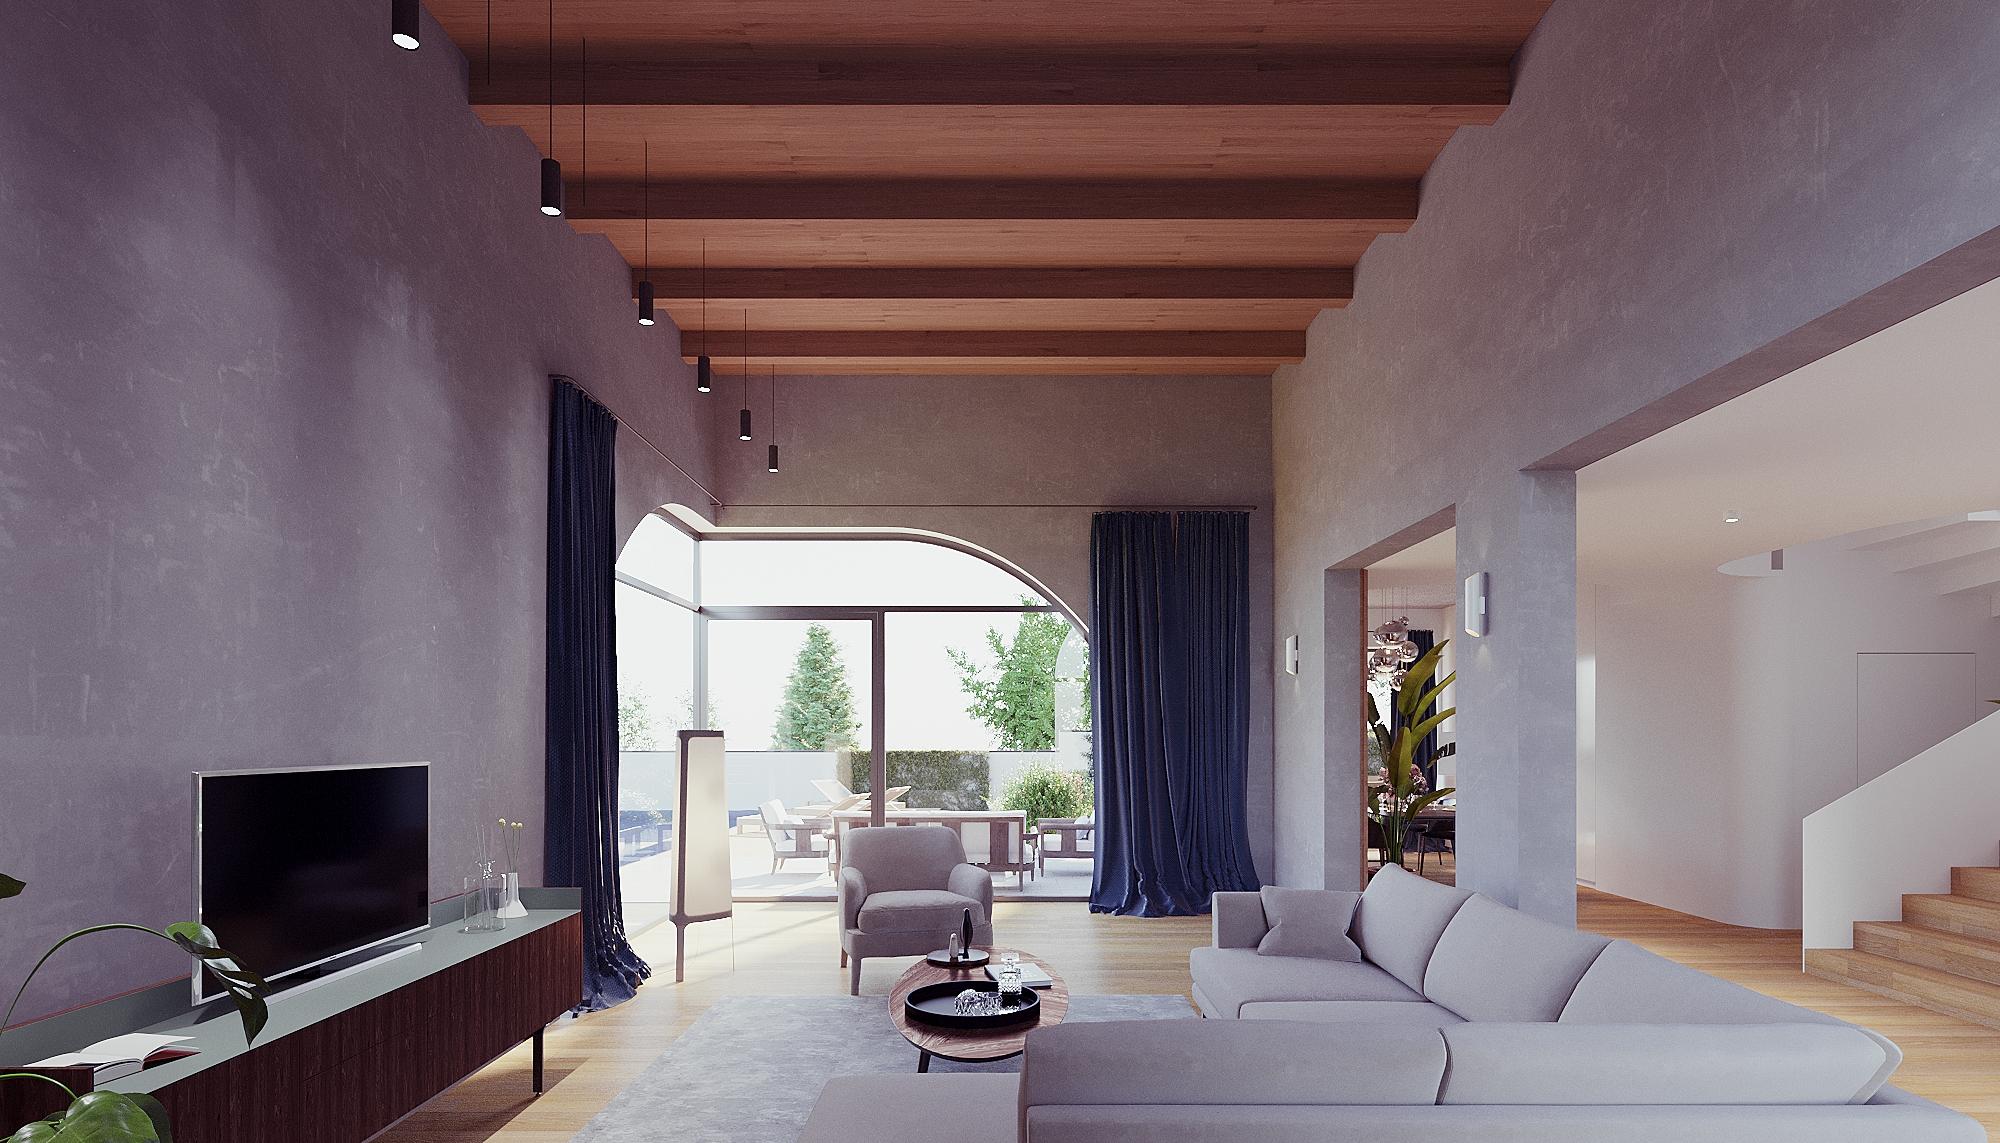 https://nbc-arhitect.ro/wp-content/uploads/2020/10/NBC-Arhitect-_-Laguna-_-Housing-_-interior-view_1.jpg